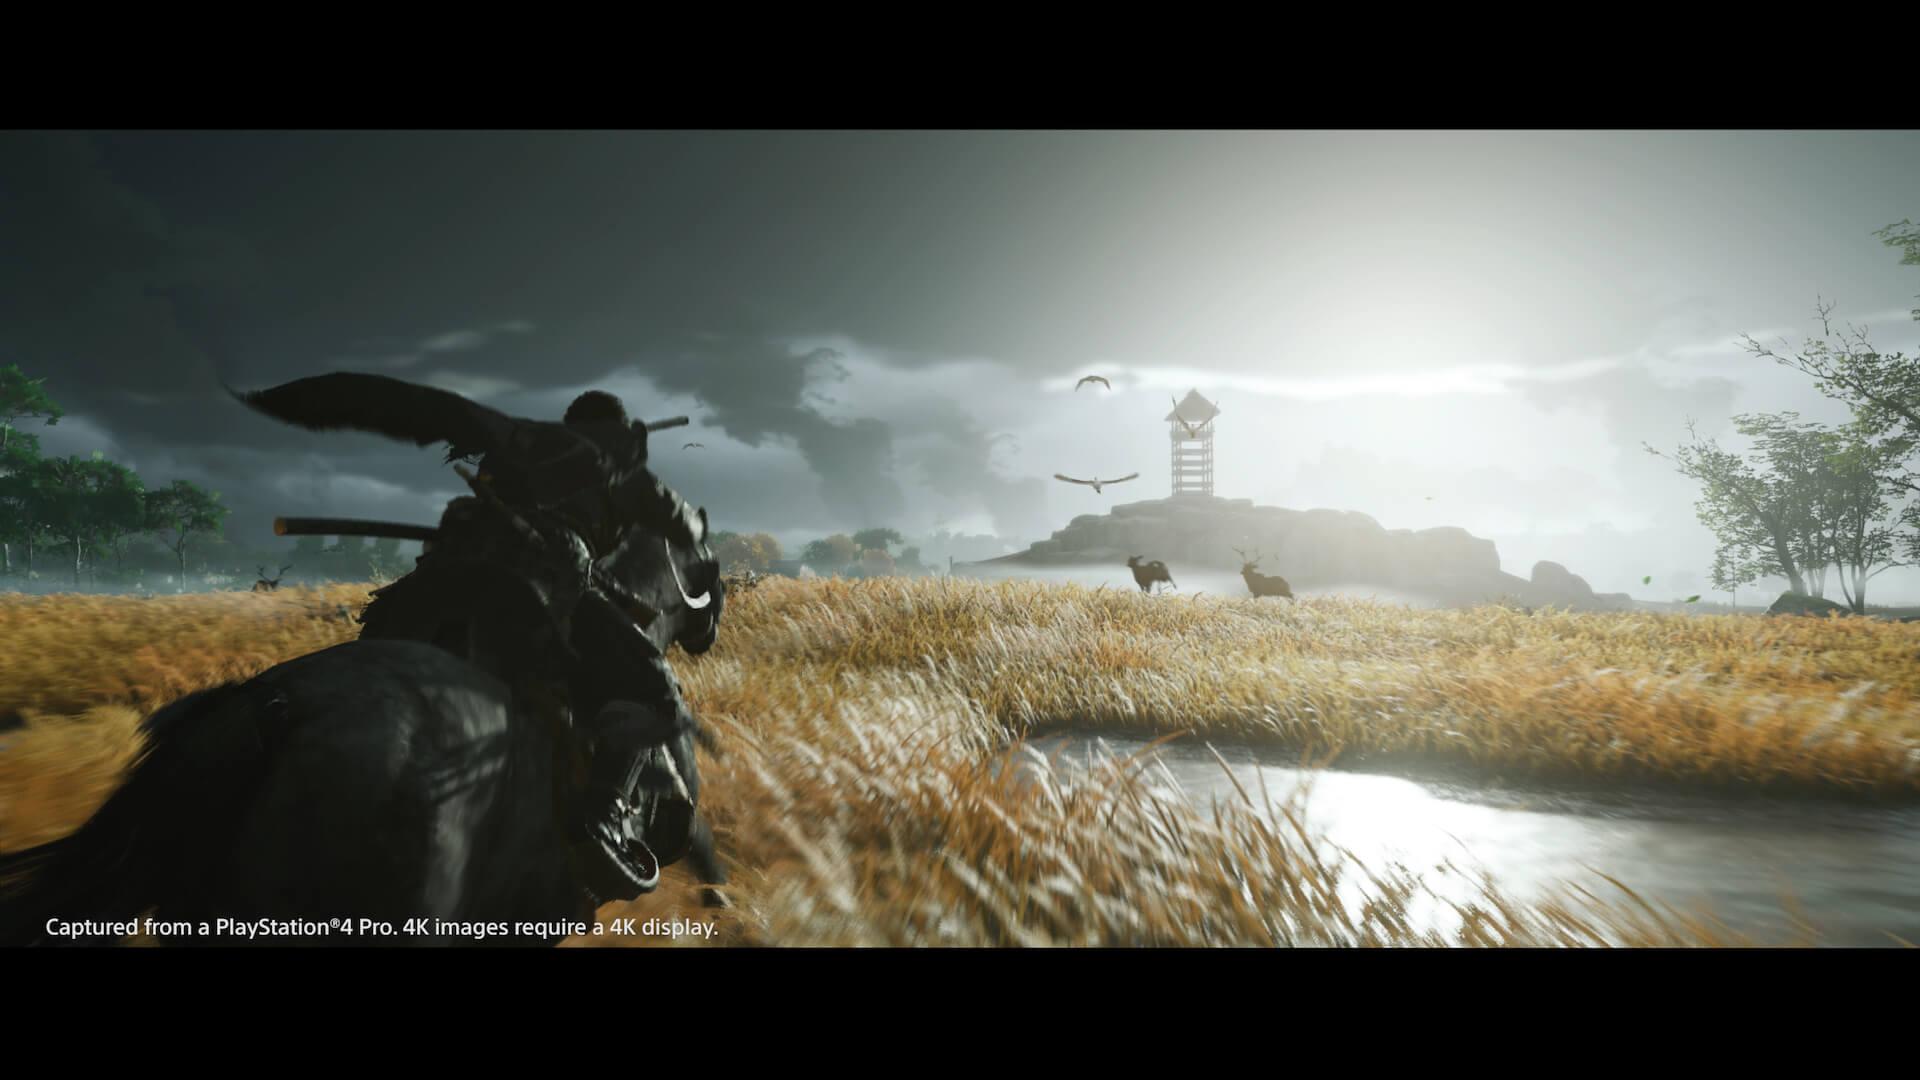 新感覚のオープンワールド時代劇を体感せよ!PS4専用ソフト『Ghost of Tsushima』がついに本日発売 tech200717_ghostoftsushima_20